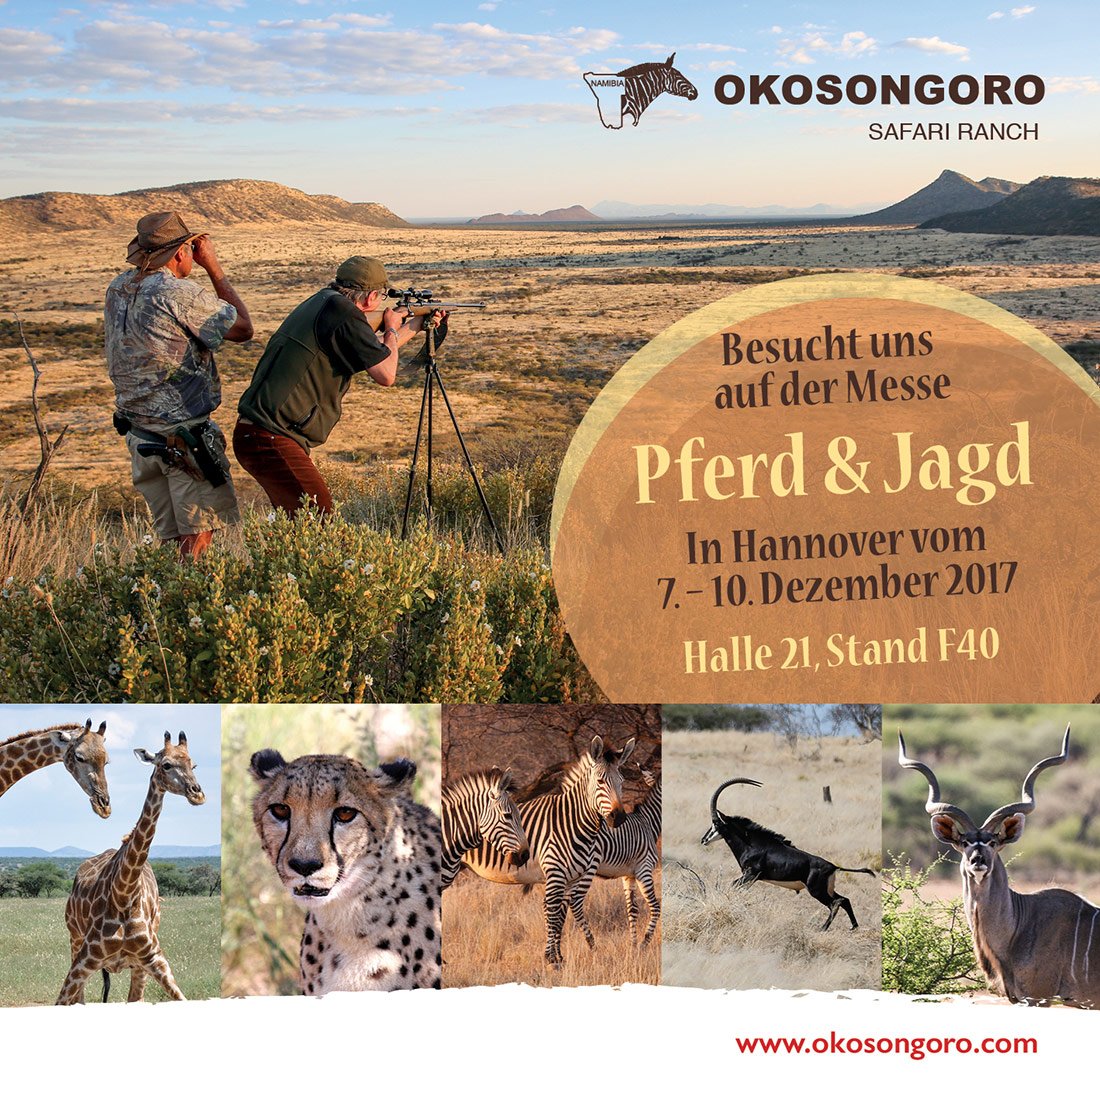 Jagen in Namibia auf der Okosongoro Safari Ranch